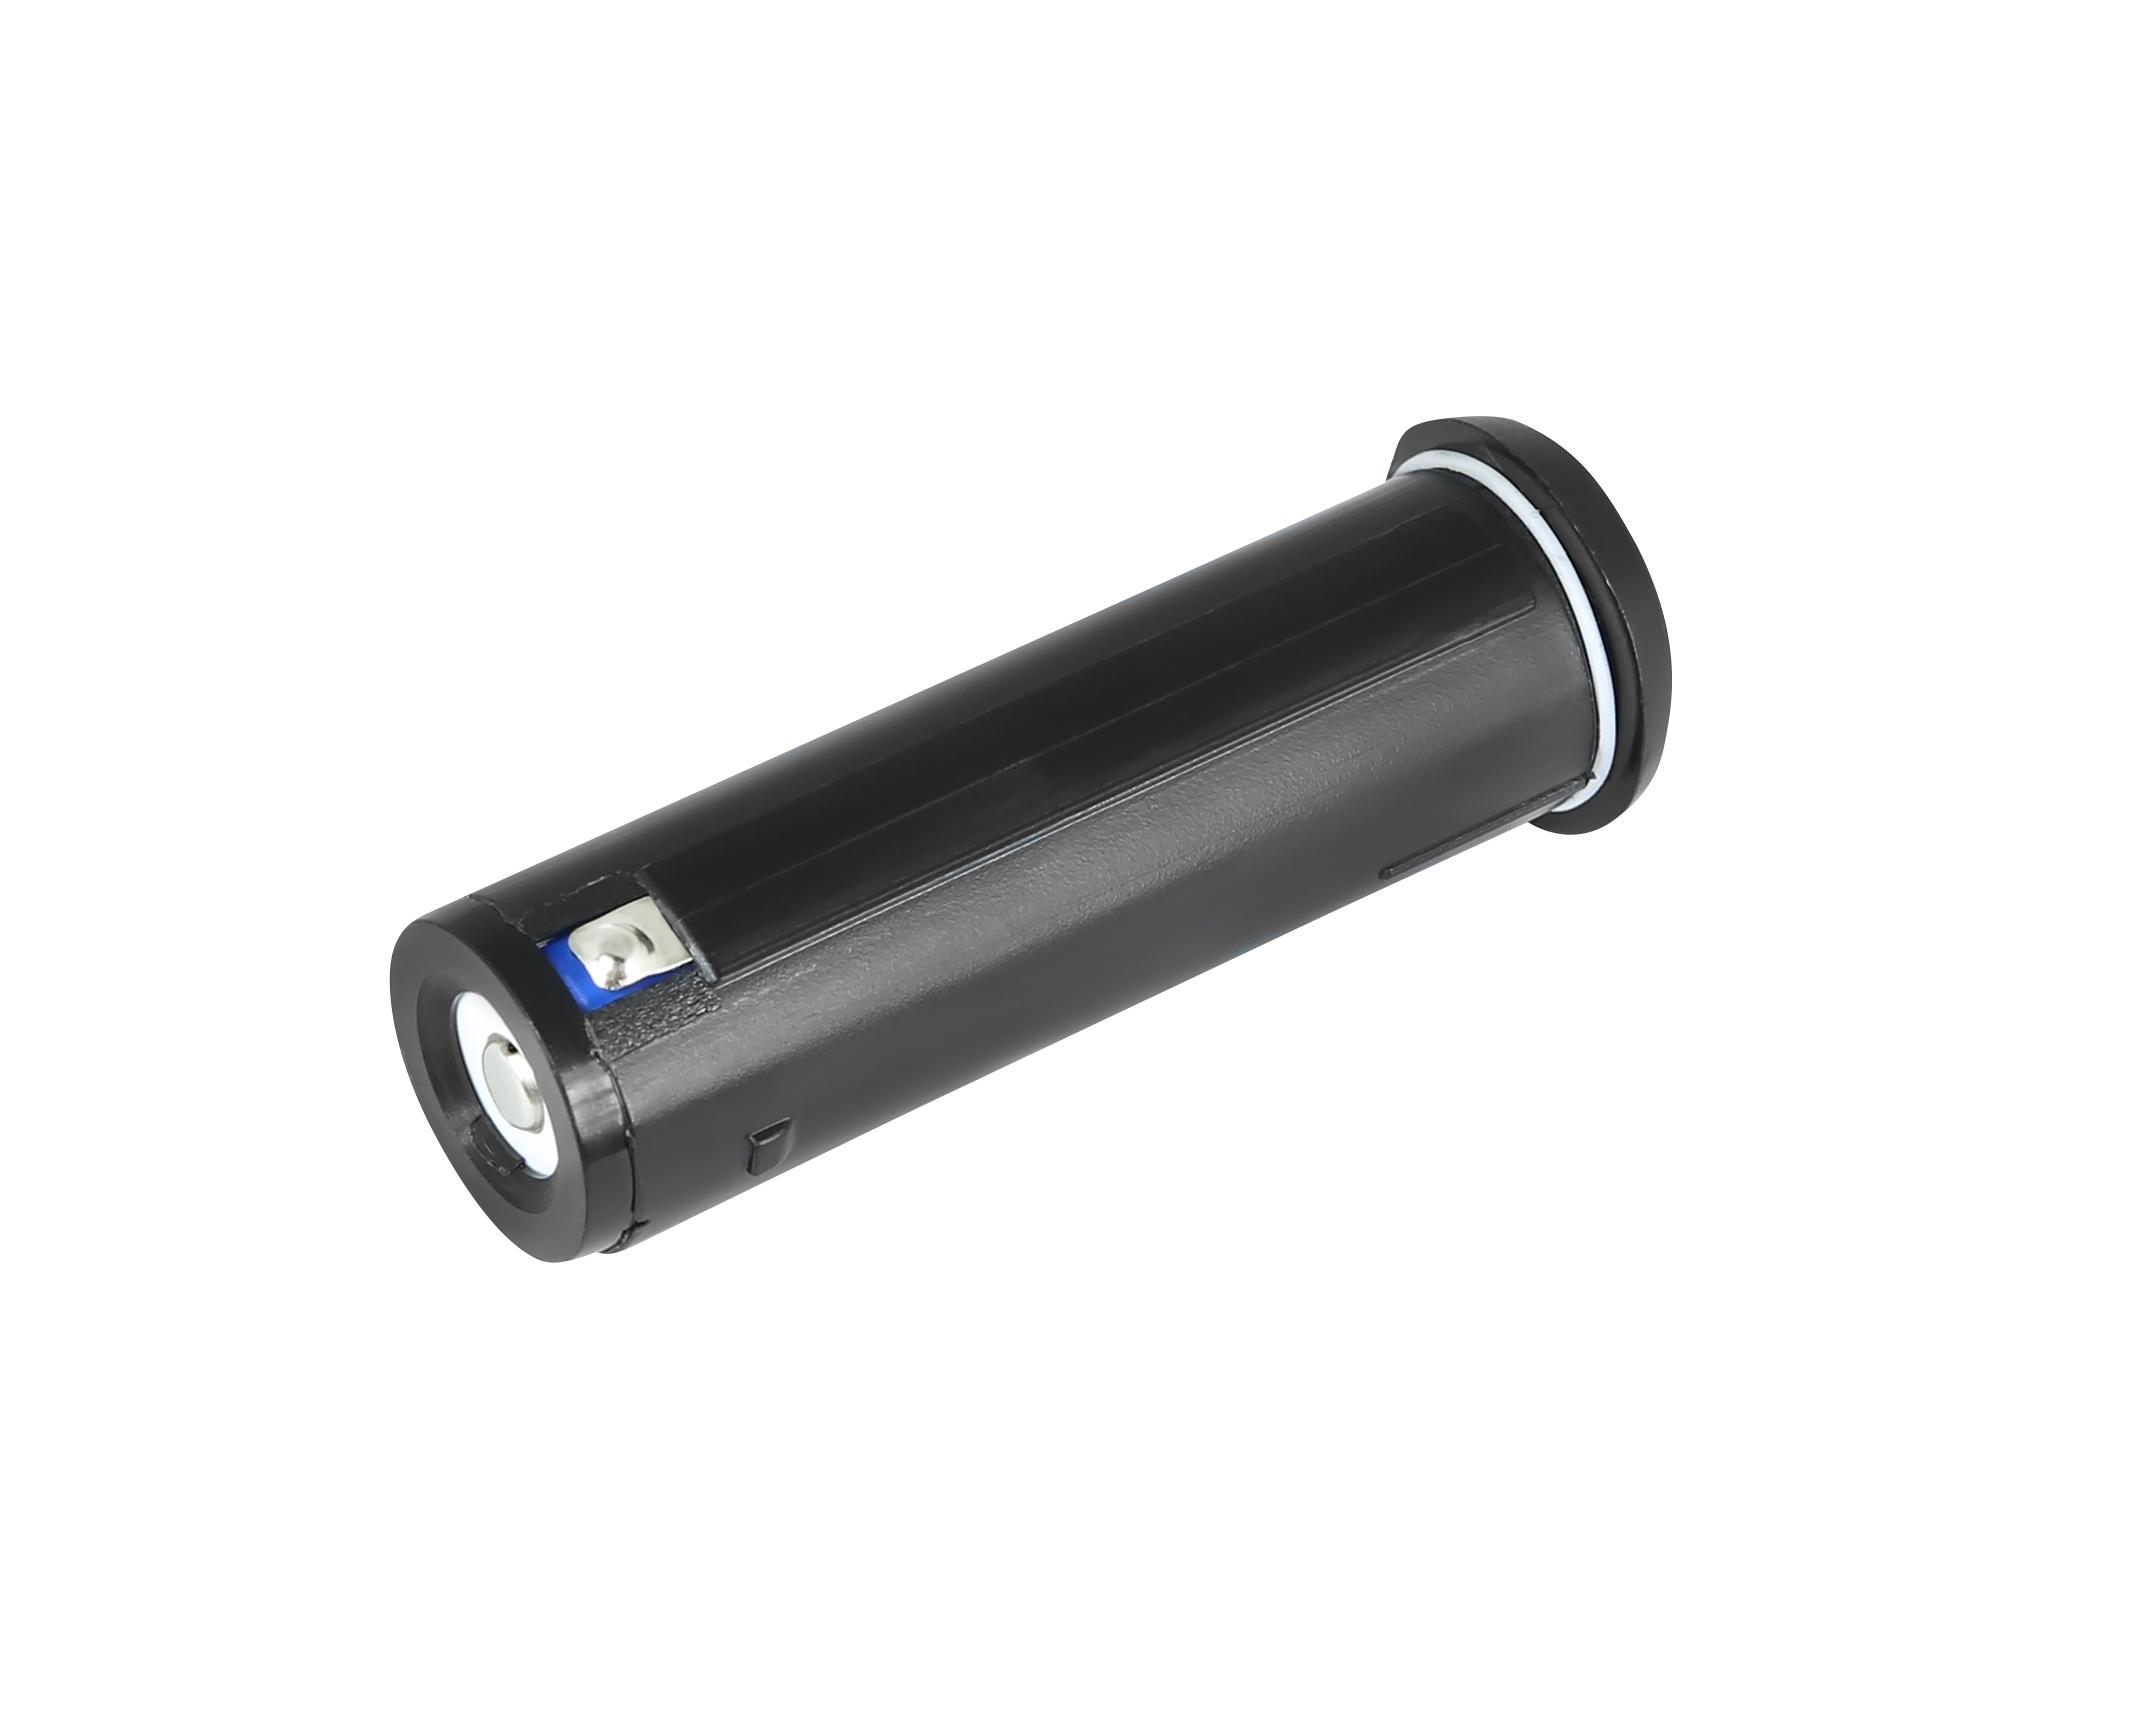 baterie FORCE 3,7V 2600 mAh pro světlo SHARK 1000